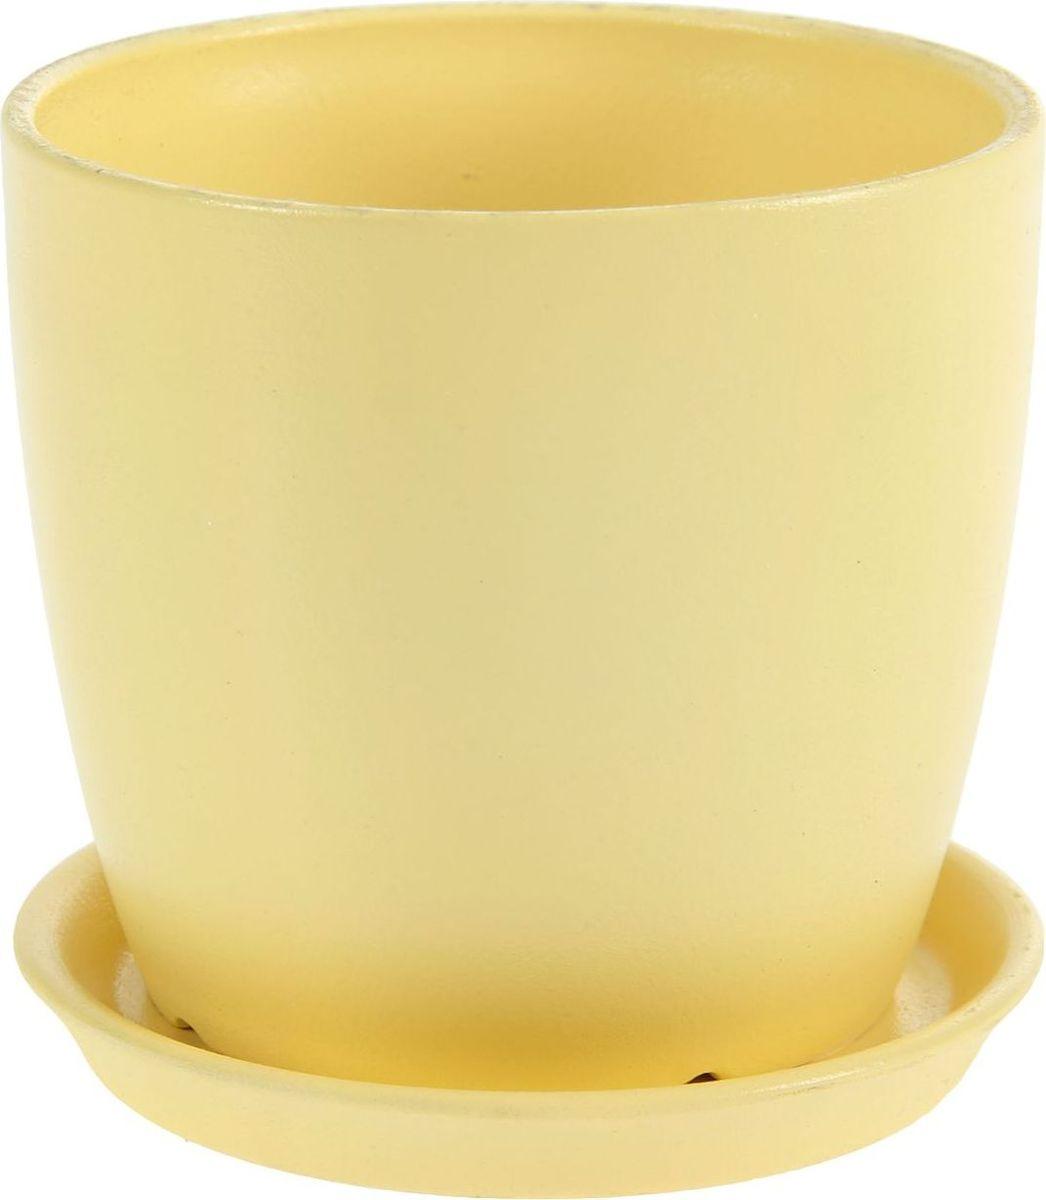 Кашпо Керамика ручной работы Осень. Глянец, цвет: желтый, 0,5 л1144911Комнатные растения — всеобщие любимцы. Они радуют глаз, насыщают помещение кислородом и украшают пространство. Каждому из них необходим свой удобный и красивый дом. Кашпо из керамики прекрасно подходят для высадки растений: за счёт пластичности глины и разных способов обработки существует великое множество форм и дизайновпористый материал позволяет испаряться лишней влагевоздух, необходимый для дыхания корней, проникает сквозь керамические стенки! #name# позаботится о зелёном питомце, освежит интерьер и подчеркнёт его стиль.